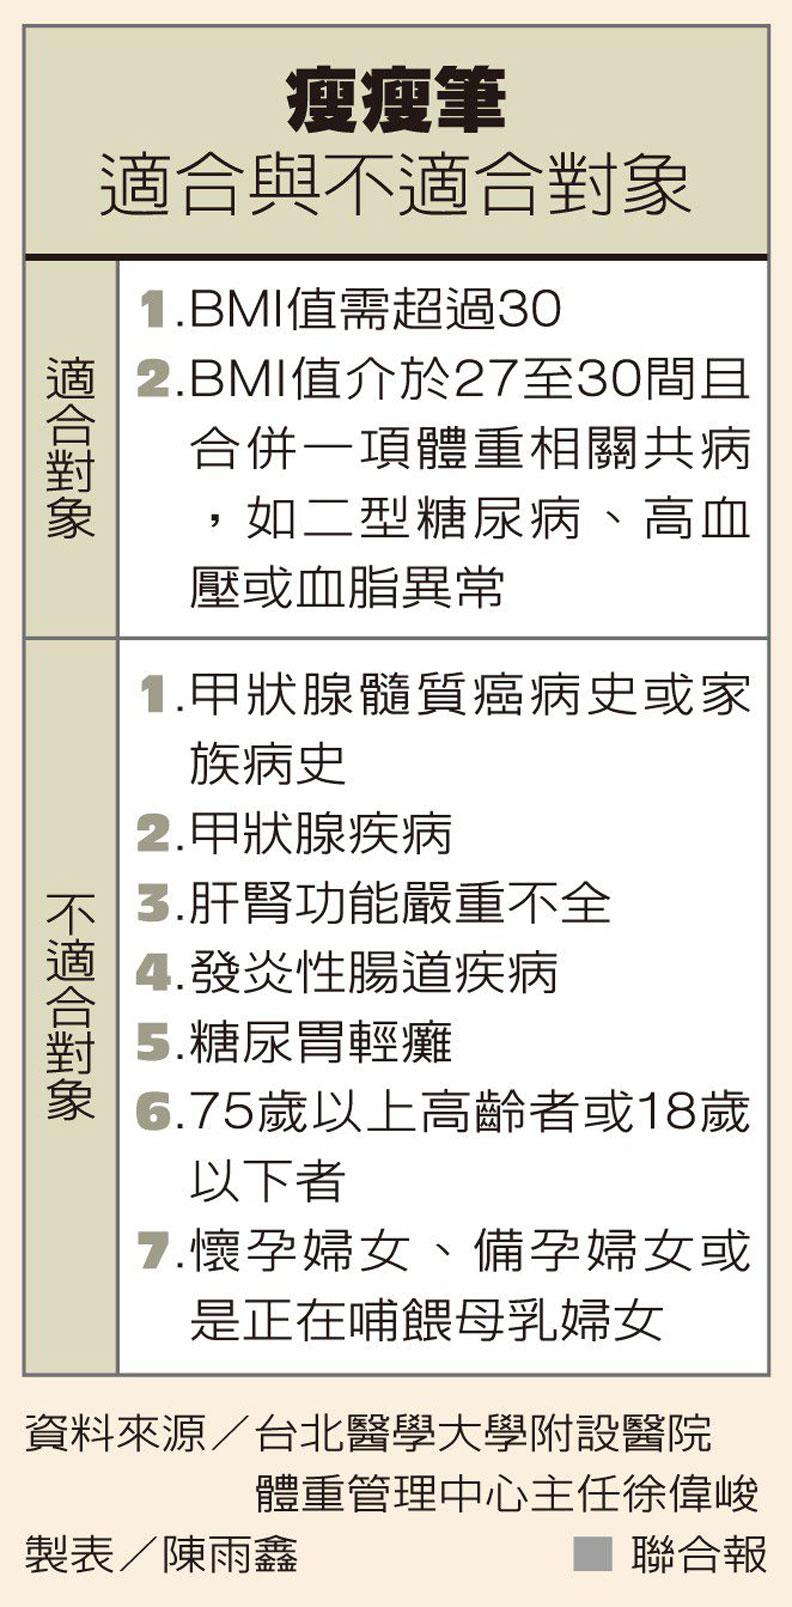 瘦瘦筆適合與不適合對象,製表/陳雨鑫,取自聯合新聞網。